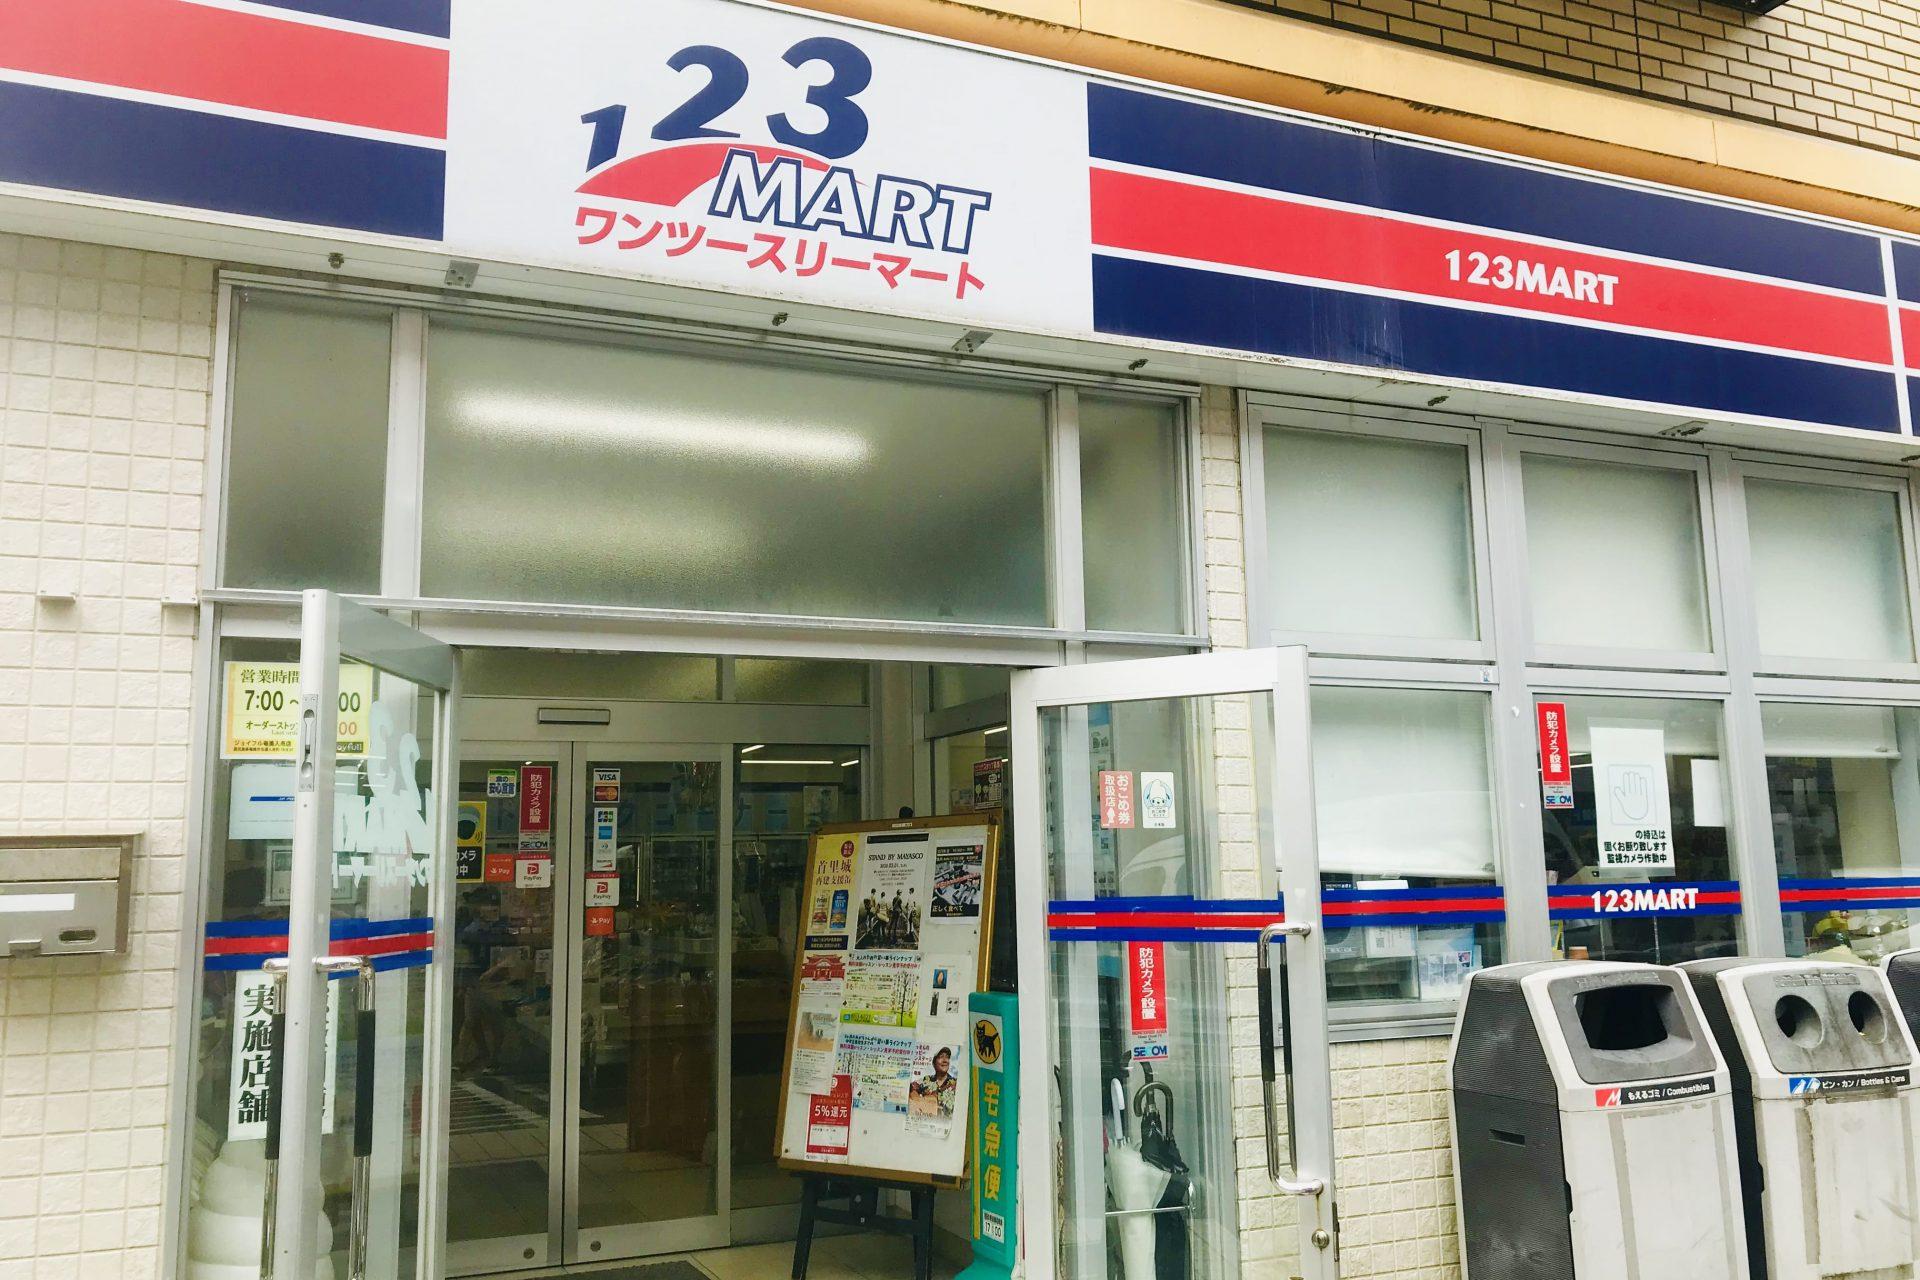 123MART ワンツースリーマート 奄美大島 繁華街 屋仁川通り 旅行